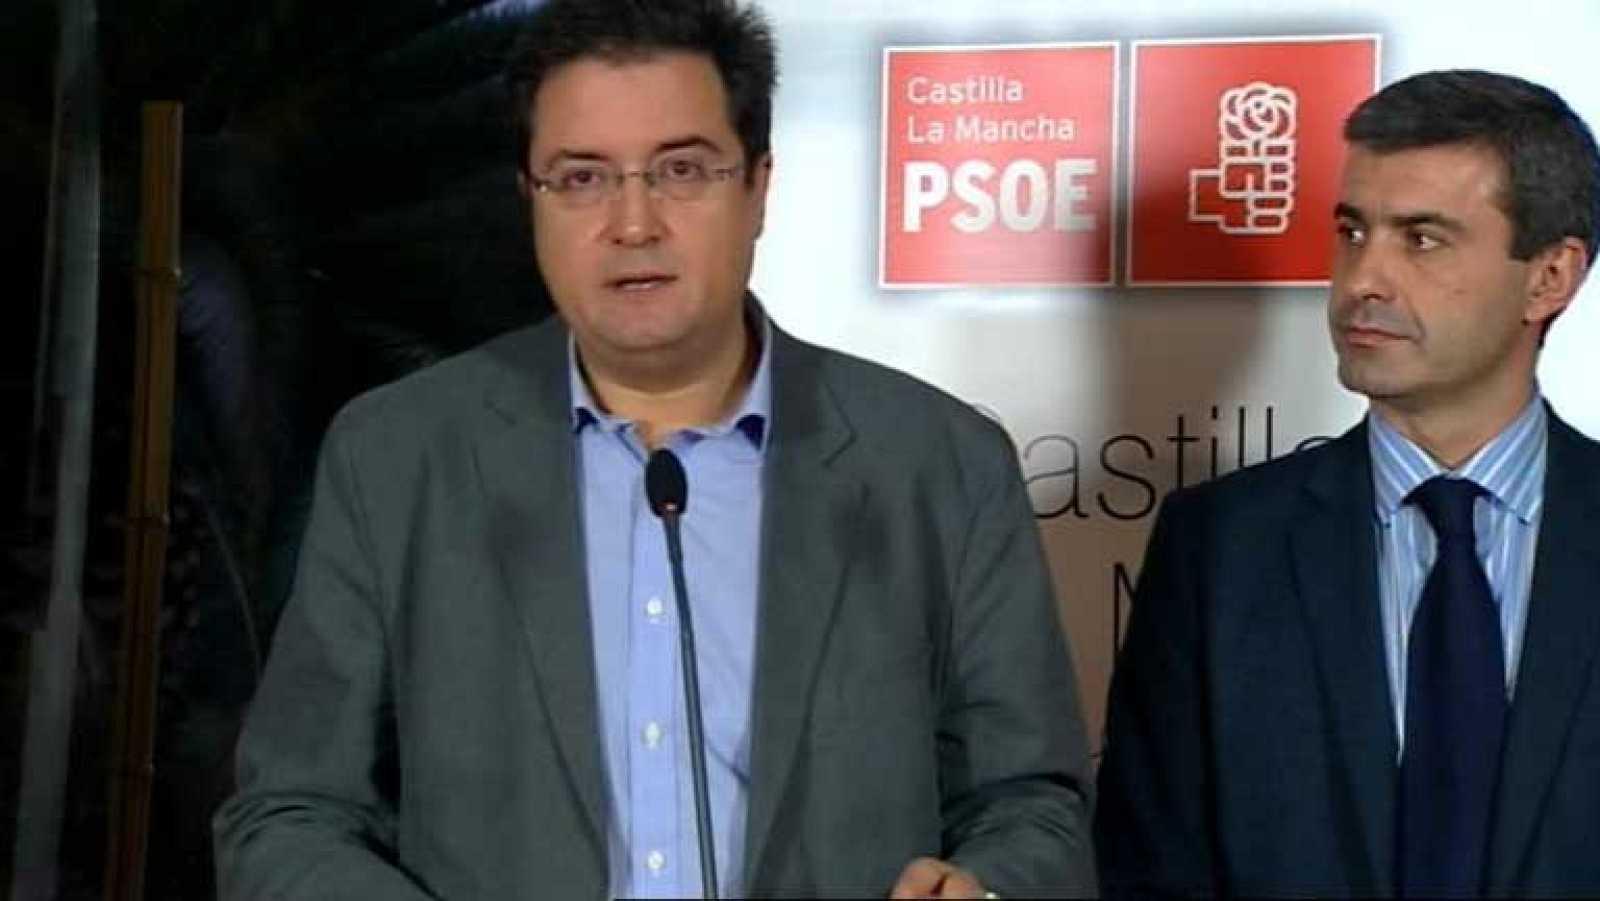 El PSOE acusa a Rajoy de mentir gravemente sobre las medidas para los pensionistas